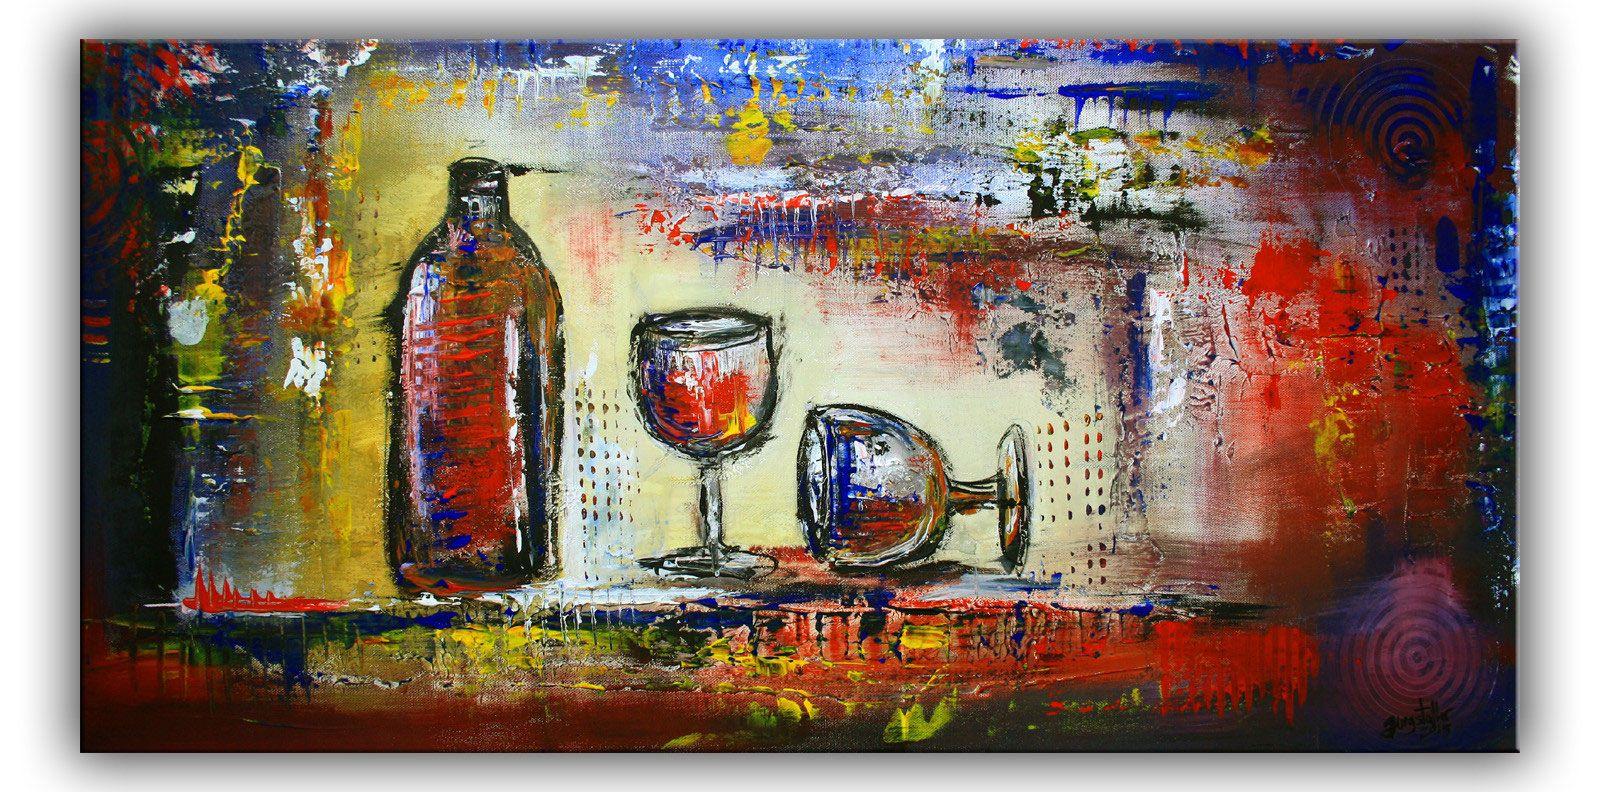 wein glaser abstrakte malerei bunt kunst original kunstler bild stillleben g gemalde moderne acrylmalerei häuser abstrakt bilder wohnzimmer